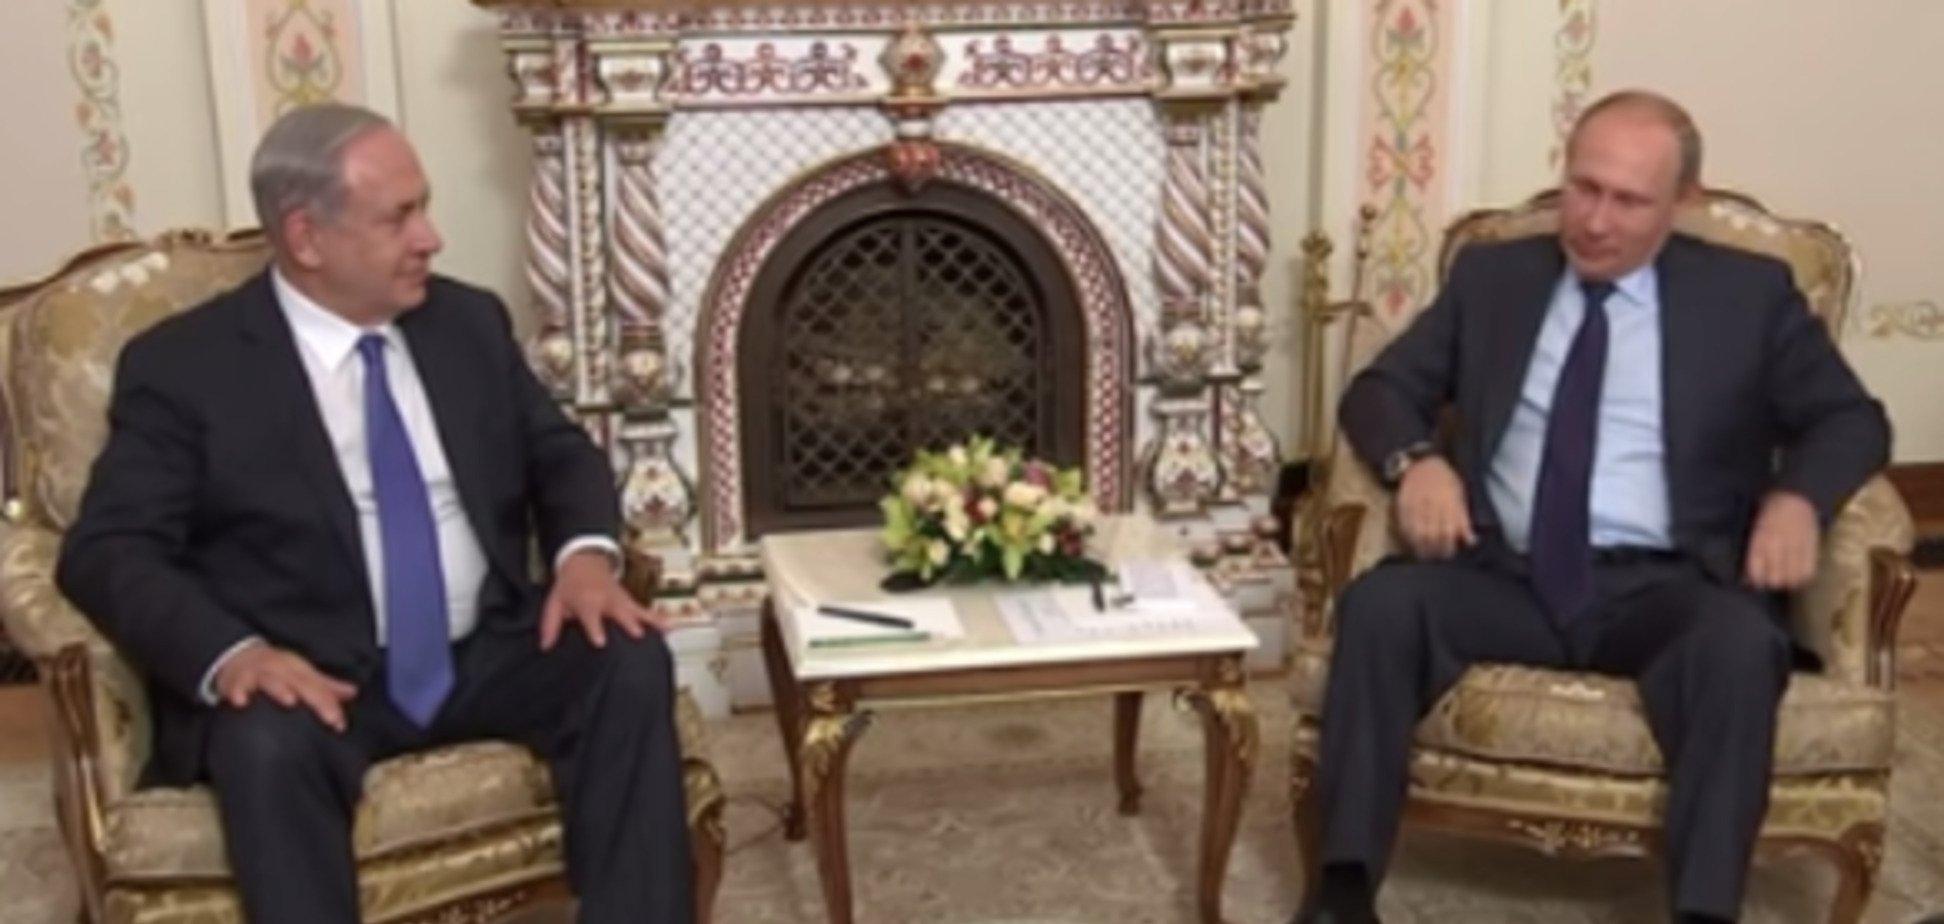 Путин взорвал соцсети 'нервными ножками' на встрече с премьером Израиля: видеофакт